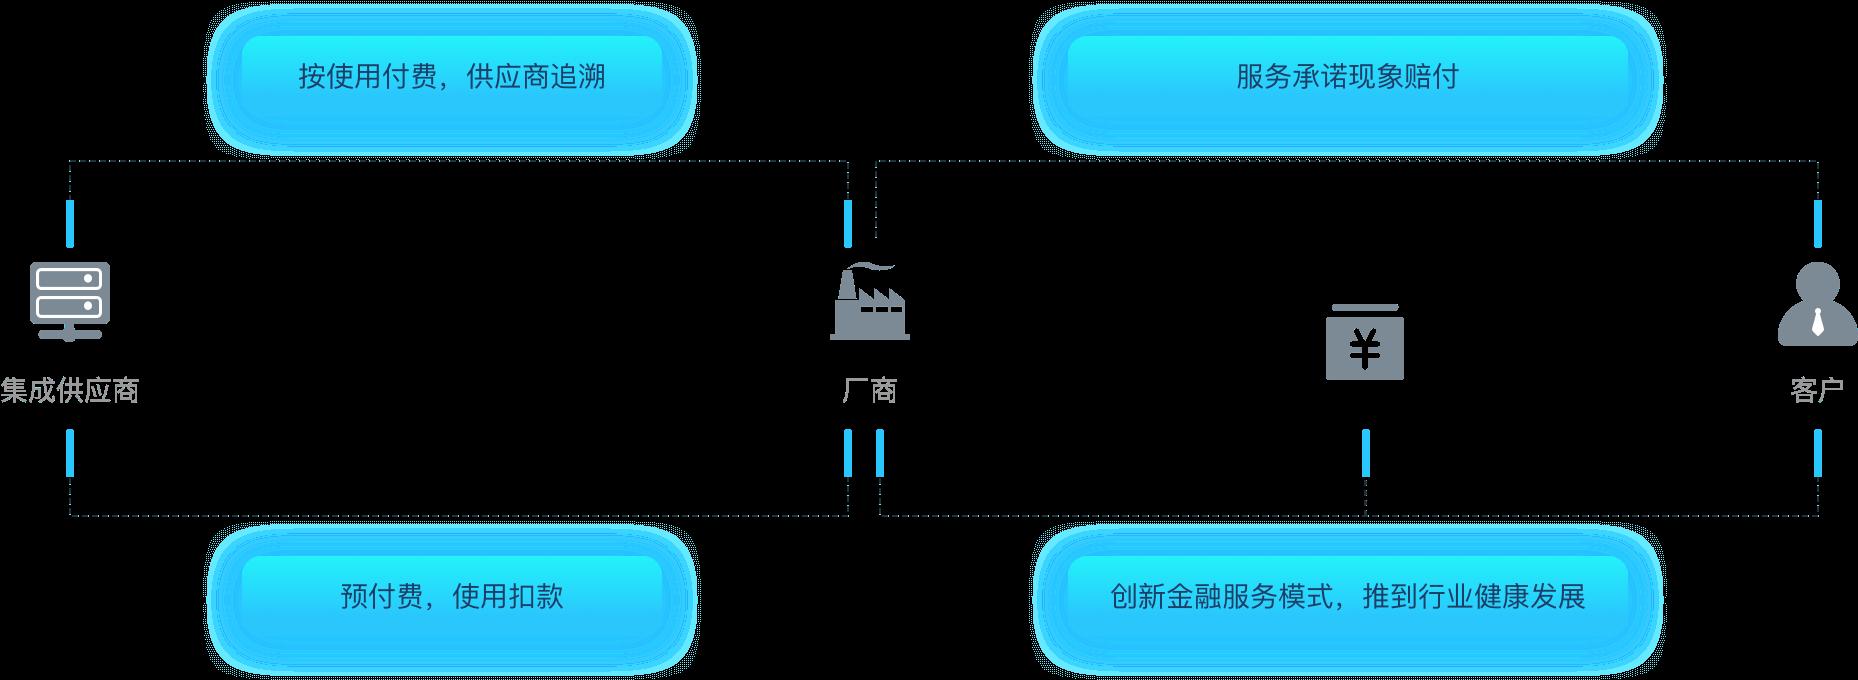 大秦云-生态蓝图